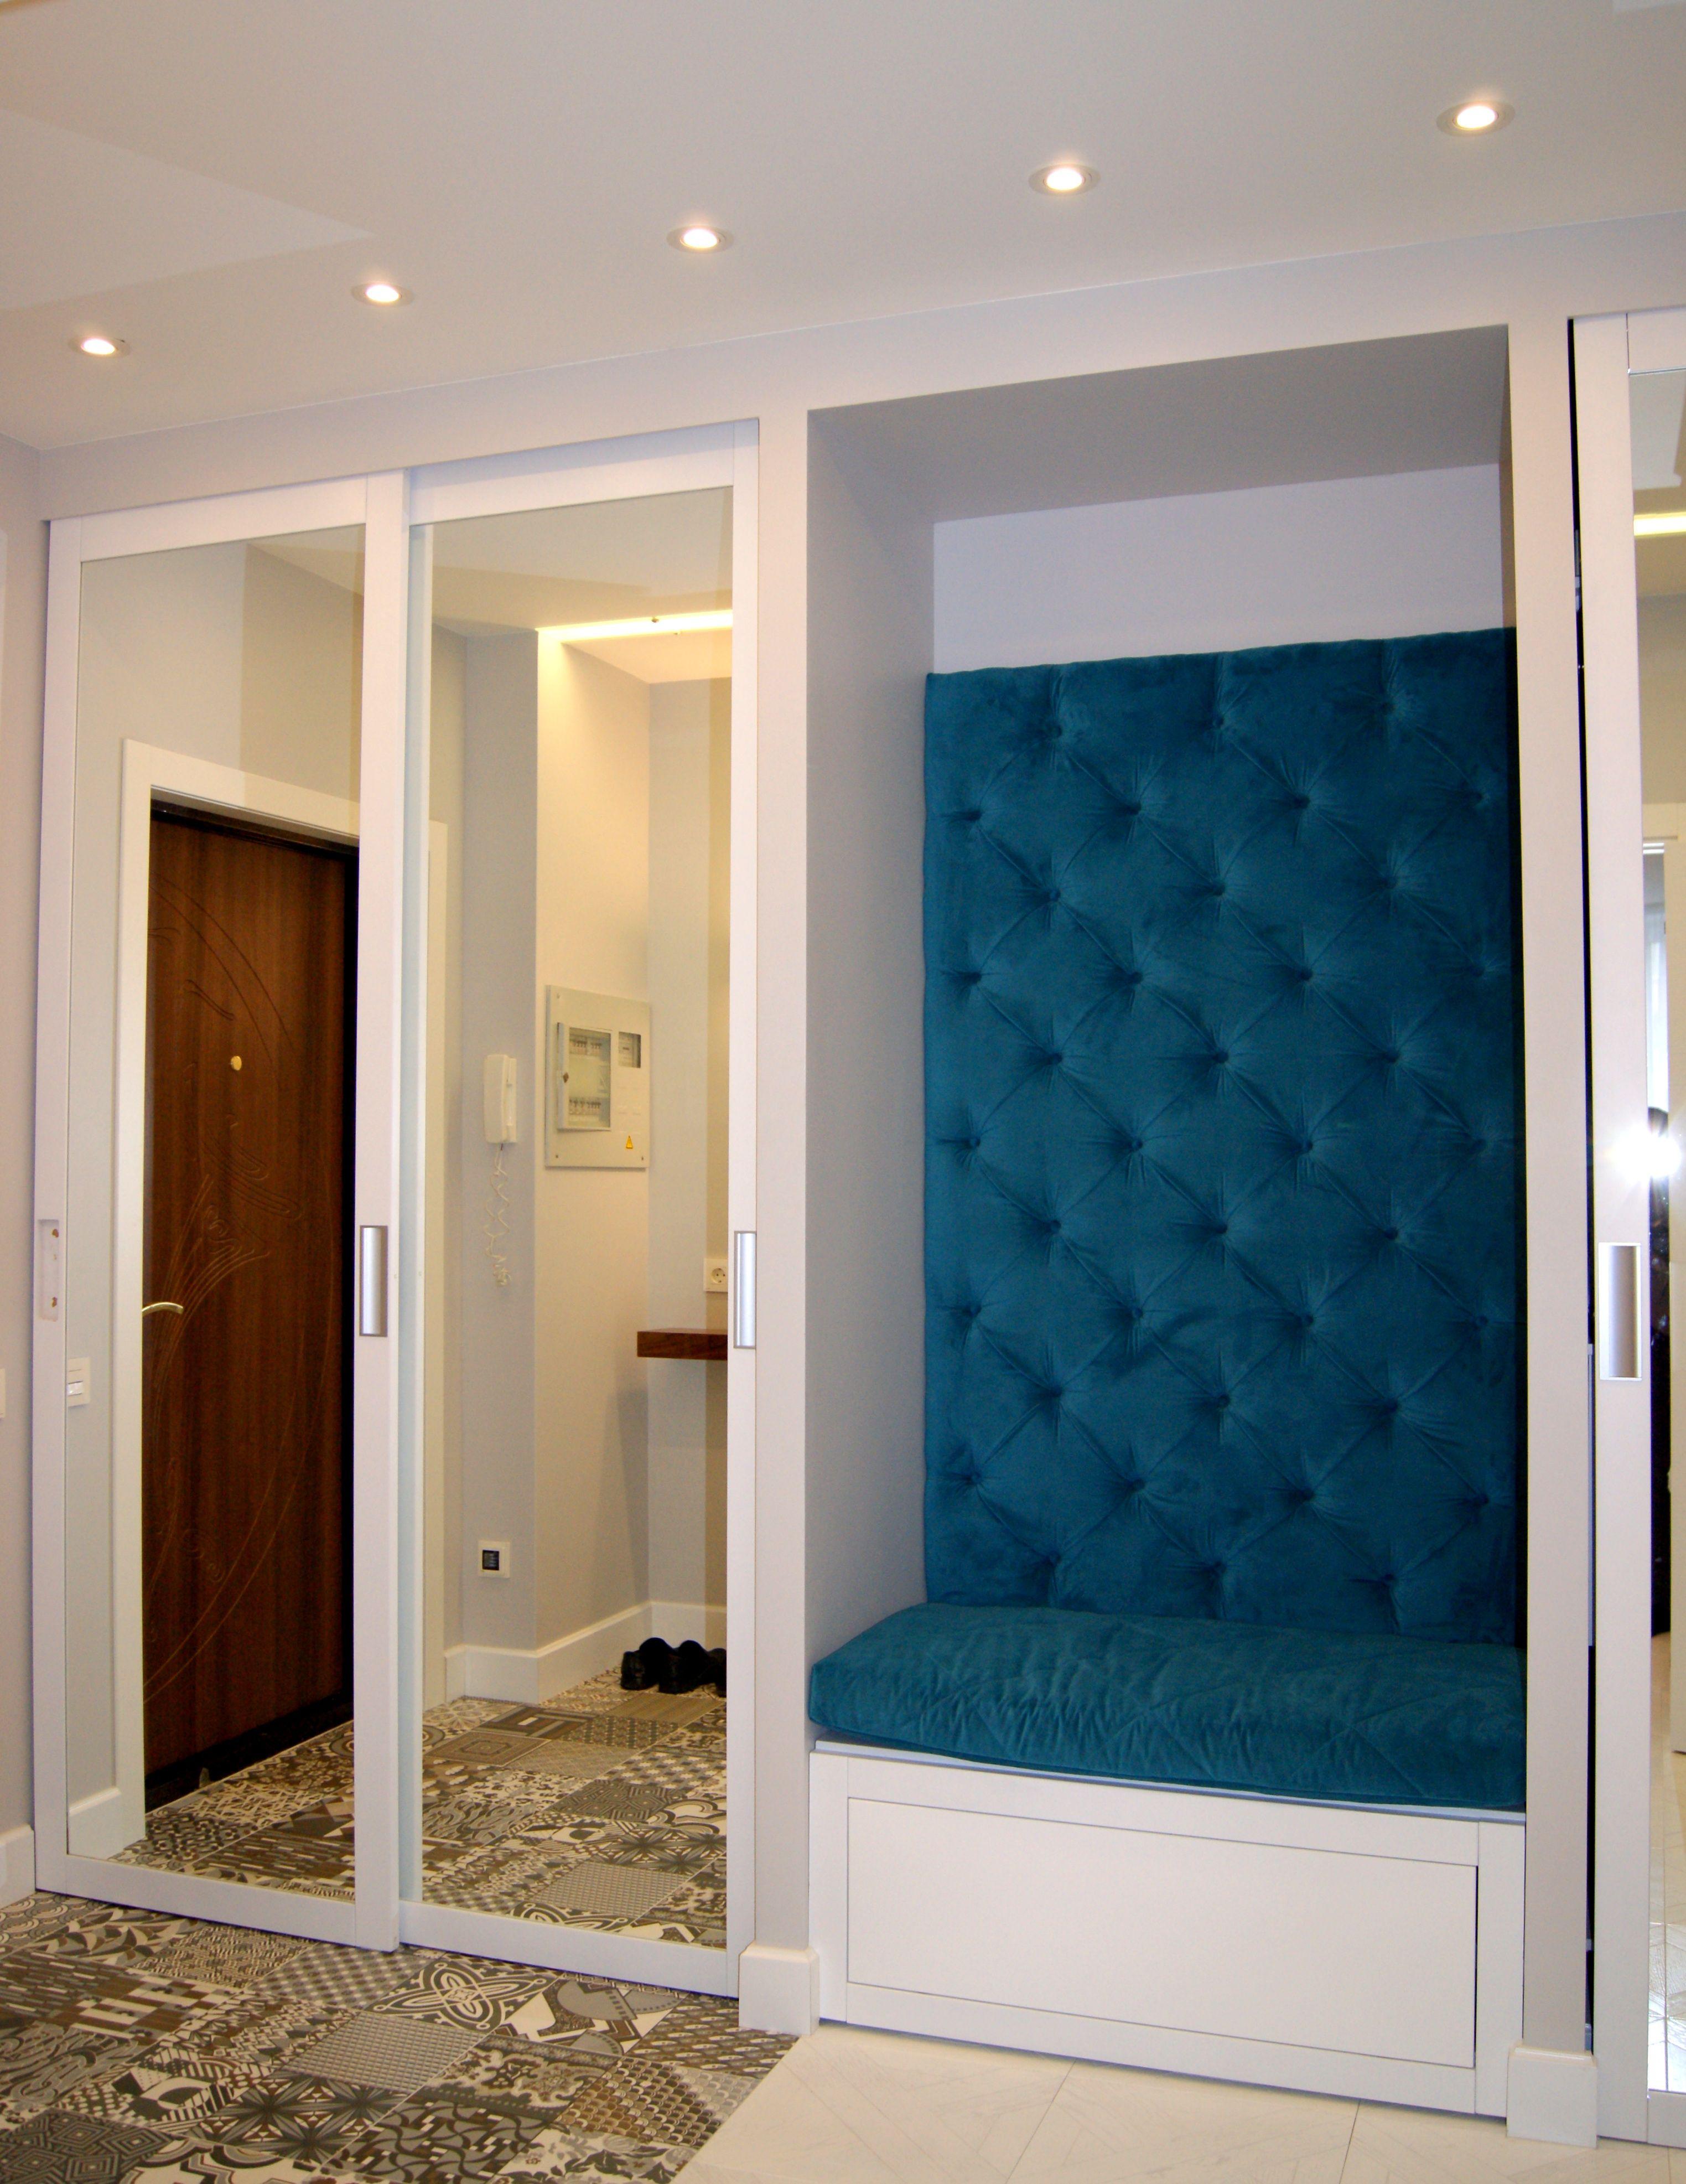 pinterest vorzimmer haus und diele. Black Bedroom Furniture Sets. Home Design Ideas